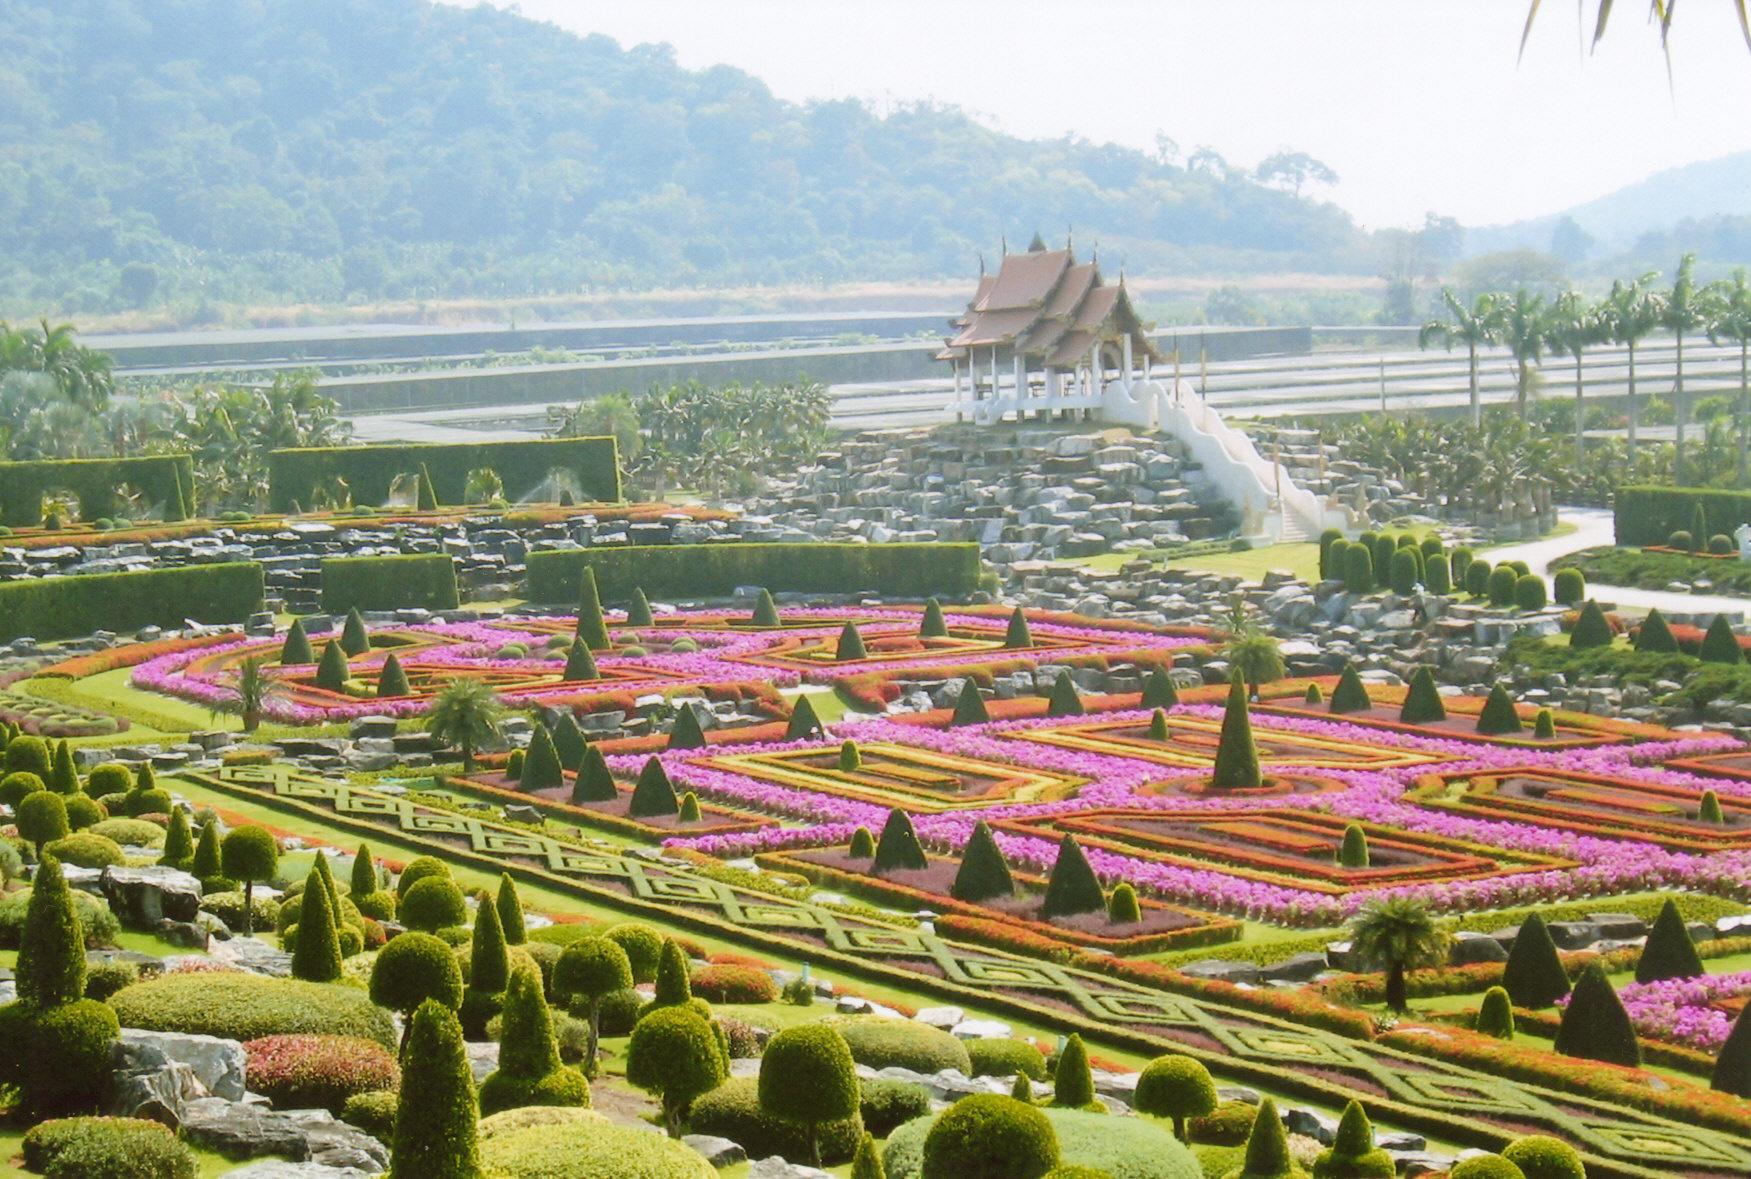 Suan Nong Nooch in Thailand